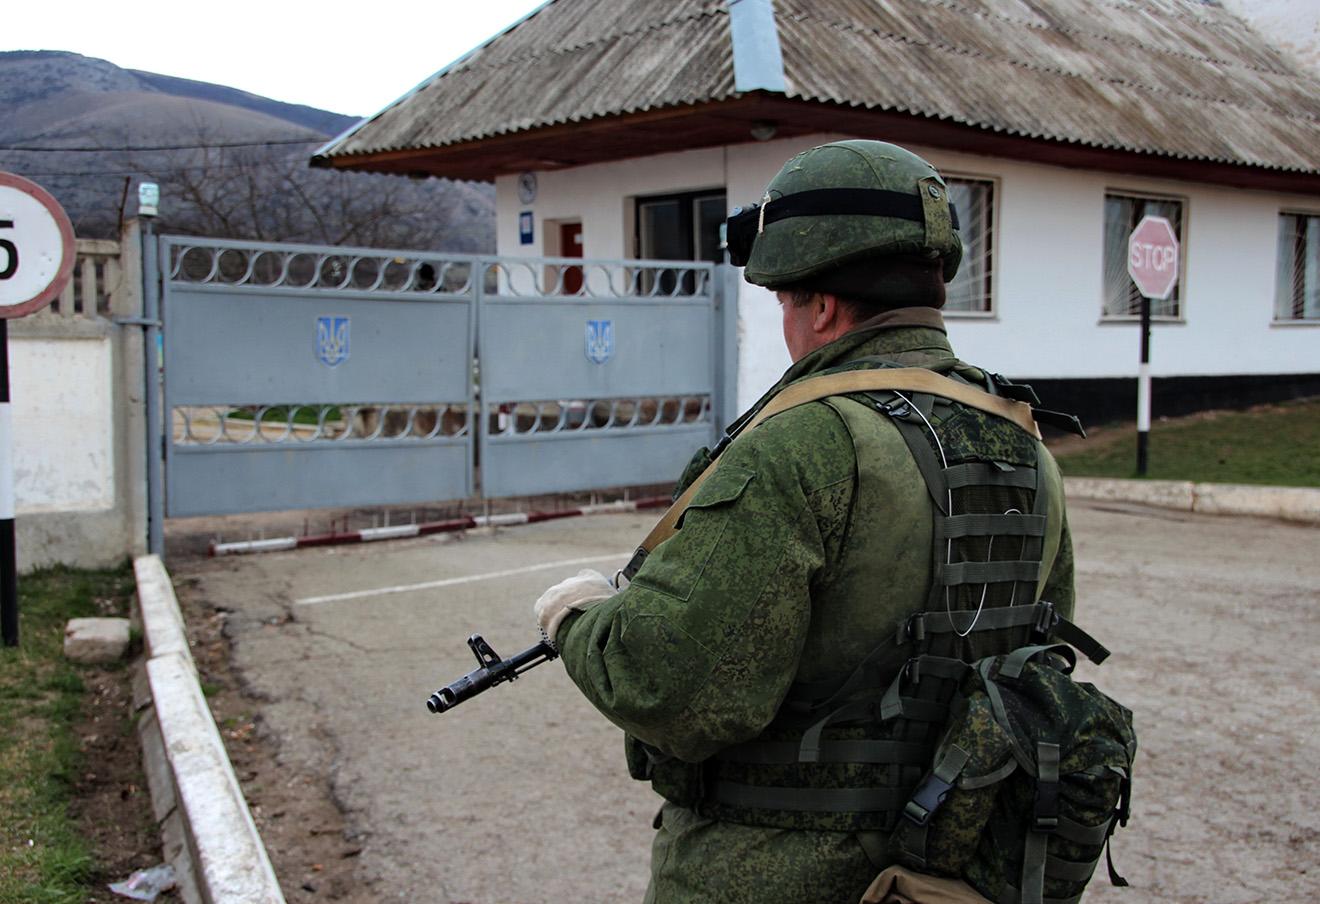 Вооруженный военнослужащий без знаков различия у ворот украинской военной базы в поселке Перевальное, март 2014 года.